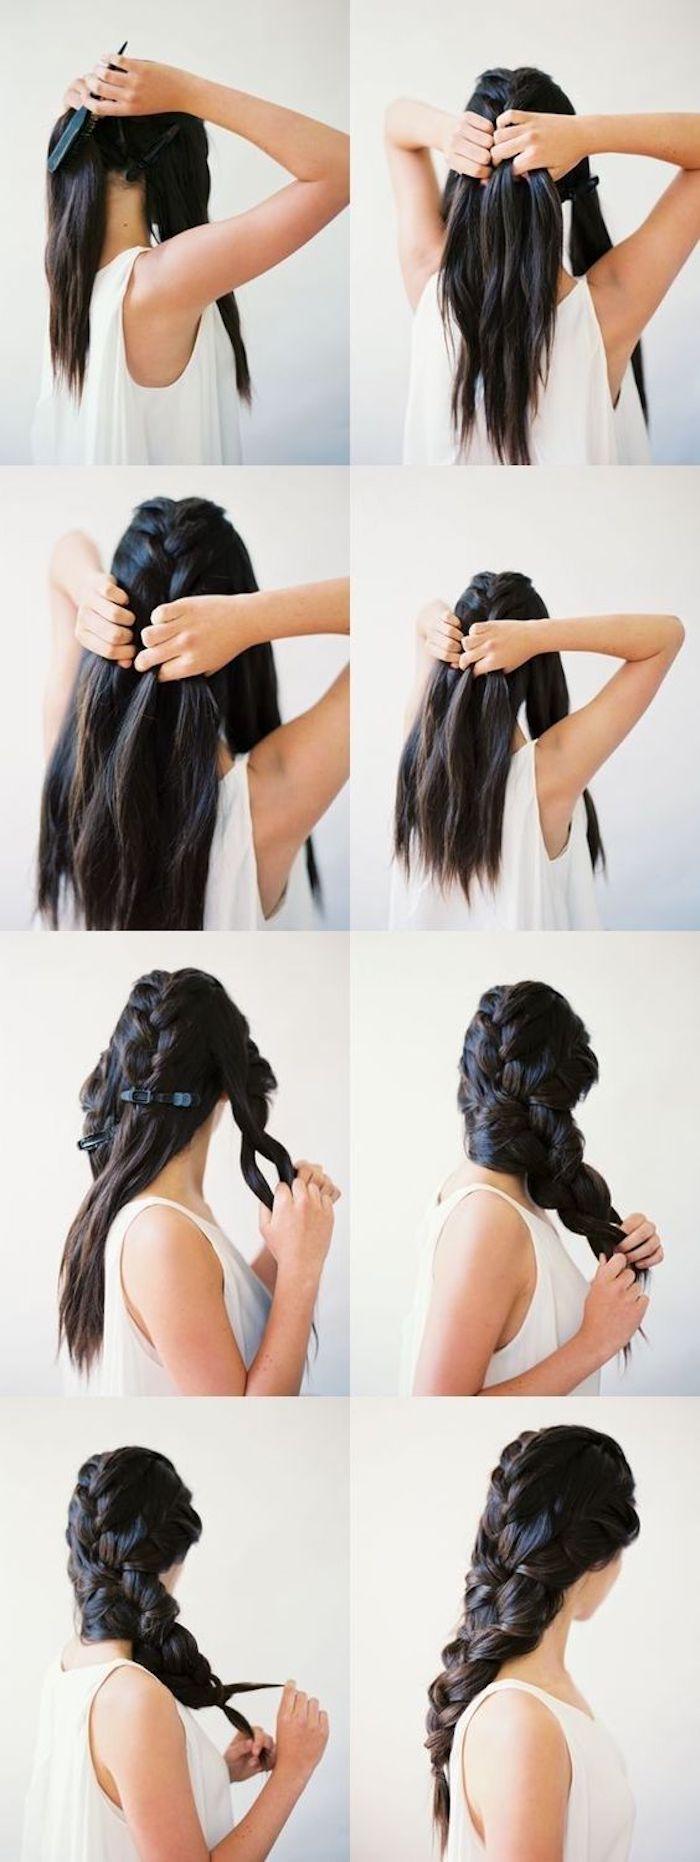 Chic coiffure bohème coiffée decoiffée, coiffure mariage cheveux long, femme coiffure mariage tresse princesse de disney